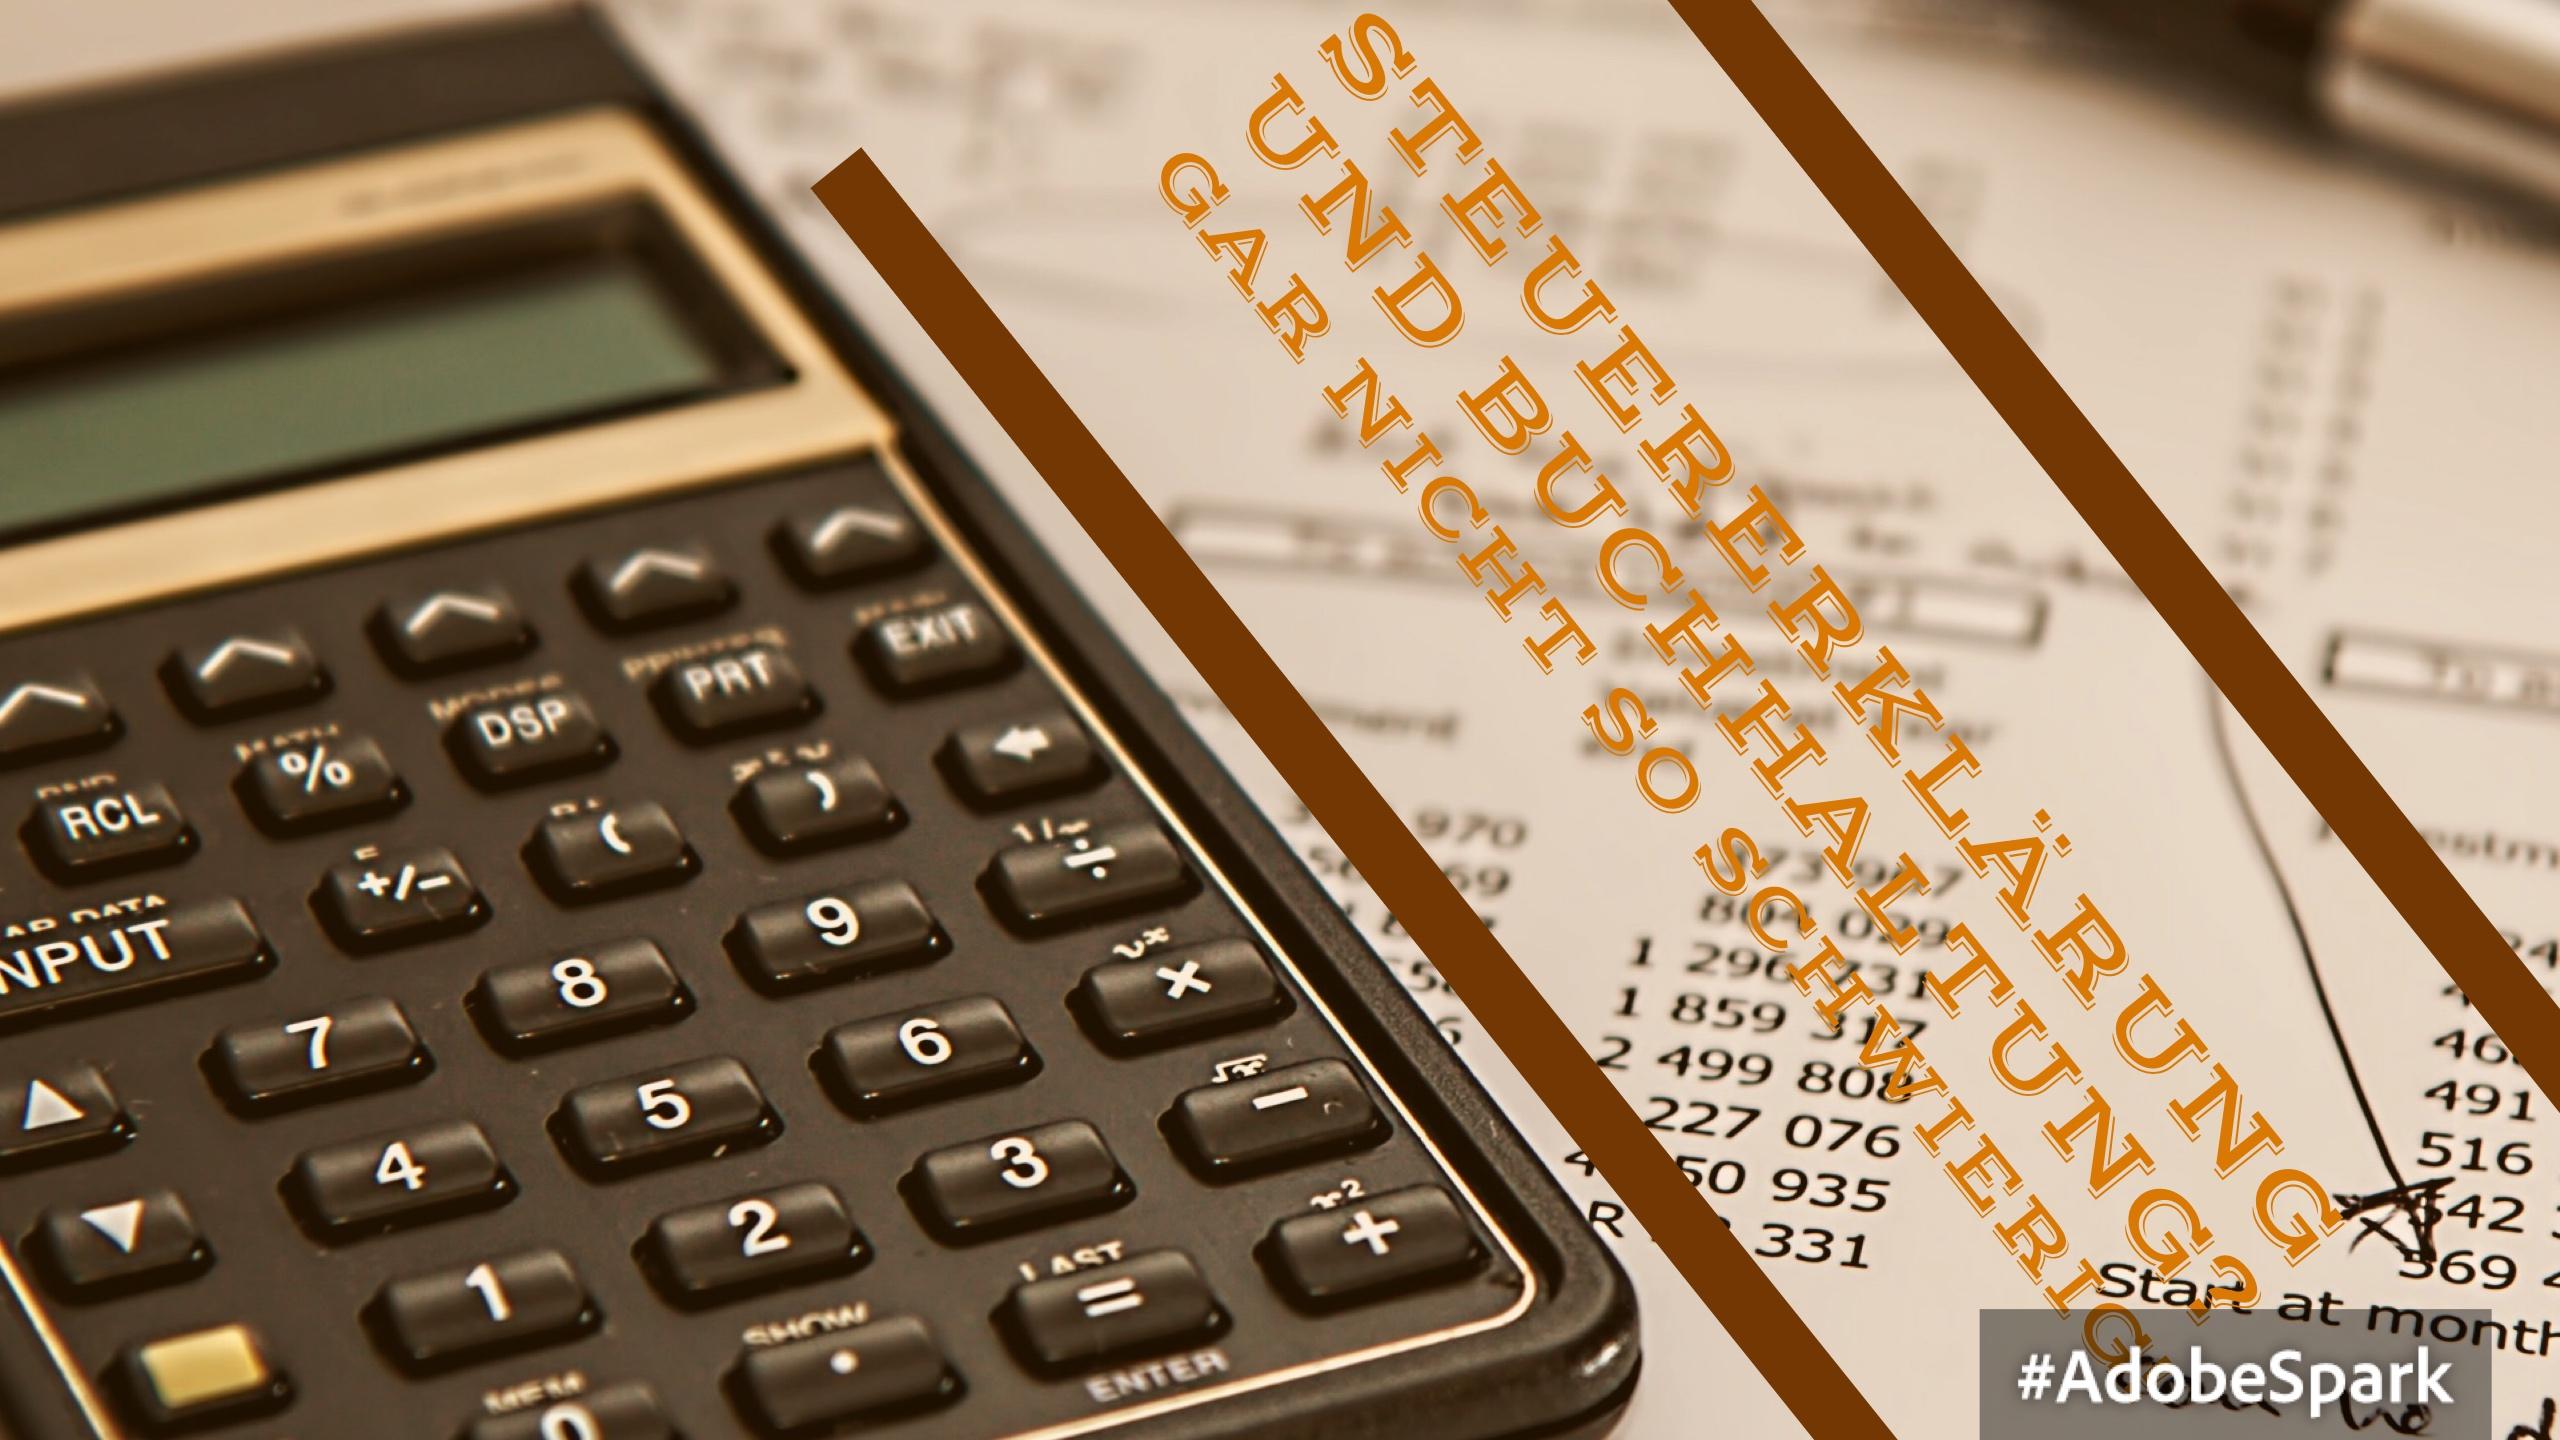 Steuererklärung und Buchhaltung kann man auch selbst machen